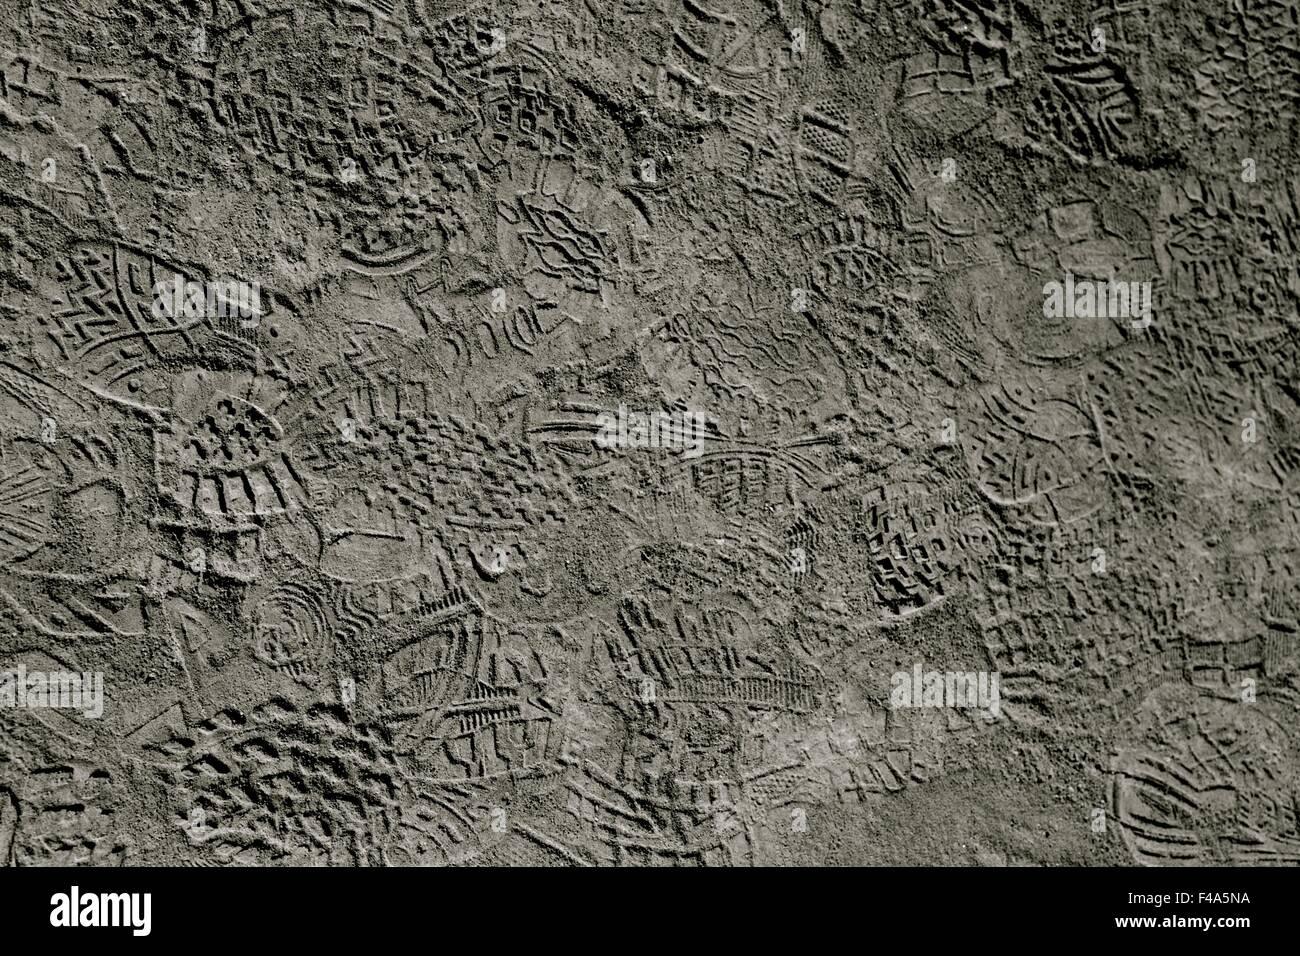 Spuren-Spuren im Sand detaillierte Bild zentrale Argentinien Nationalpark Ischigualasto Reisen Urlaub Ausflug Natur Stockbild